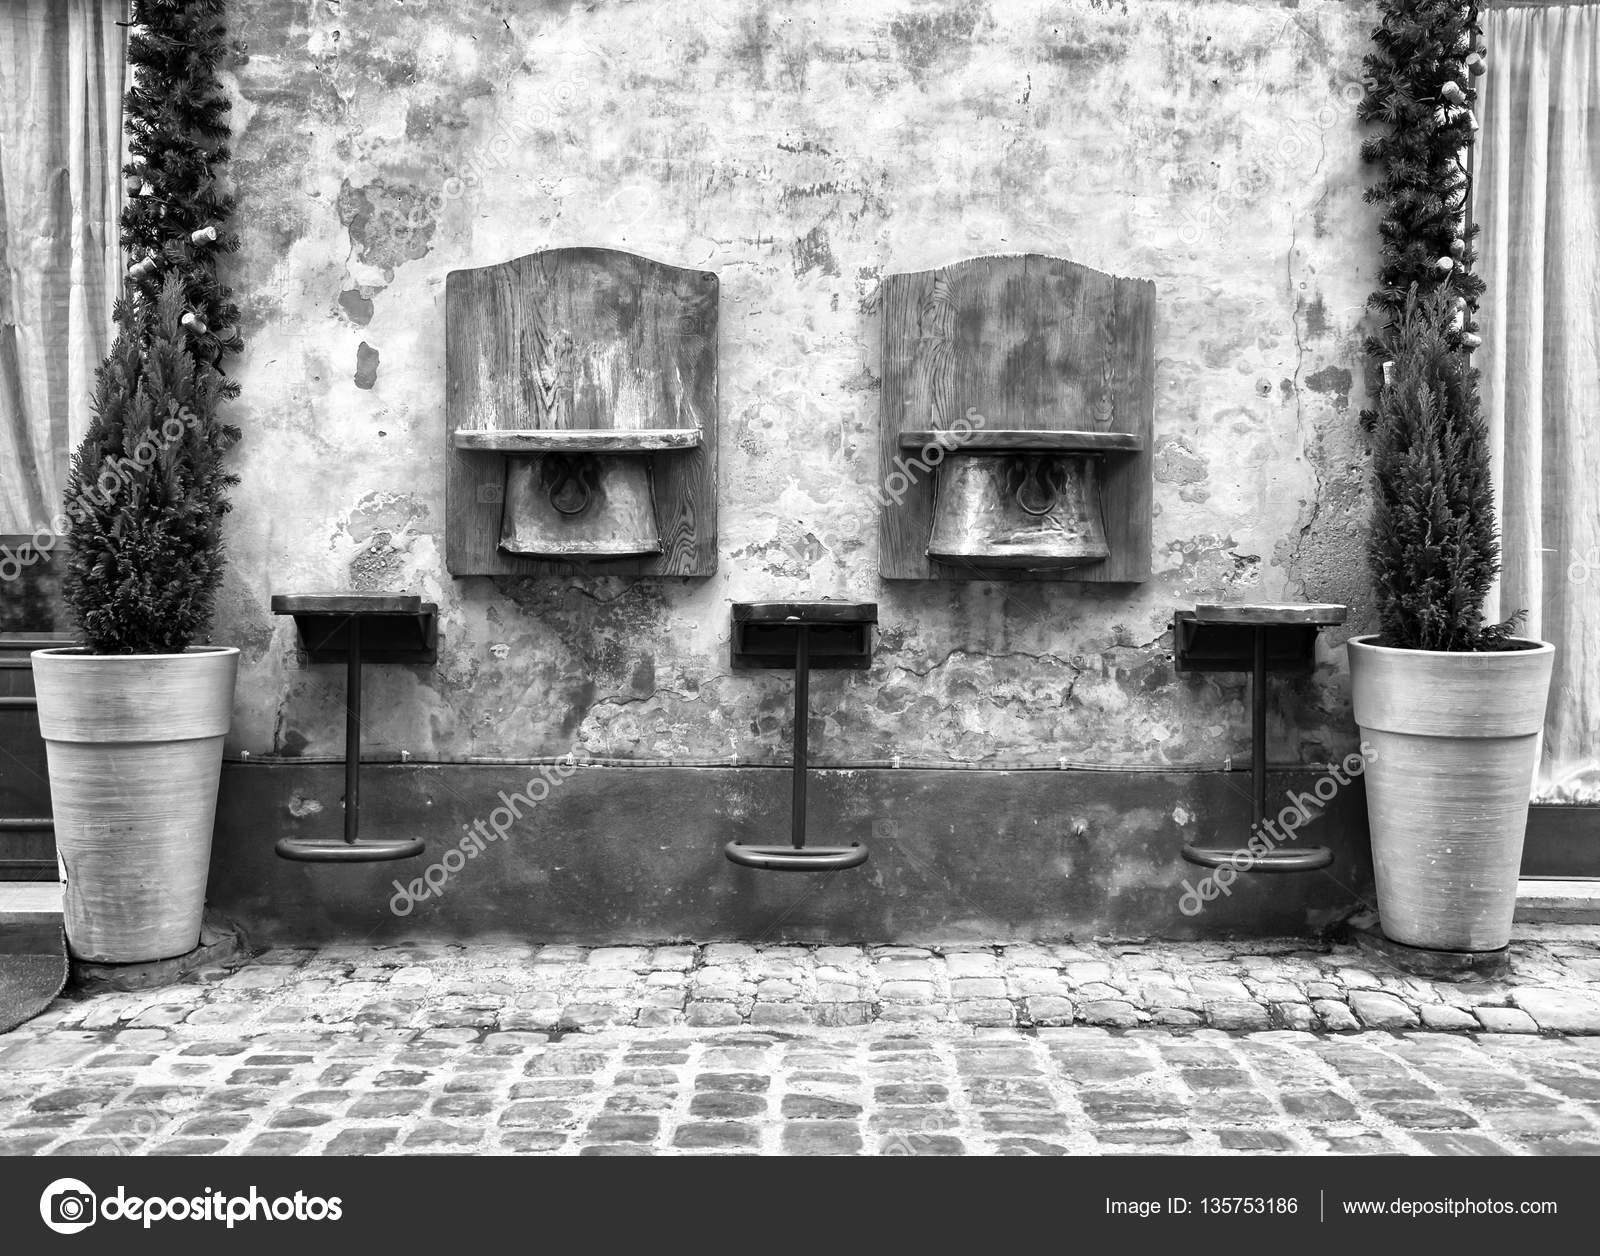 Sgabelli in legno vintage fuori bar italiano u2014 foto stock © fernando